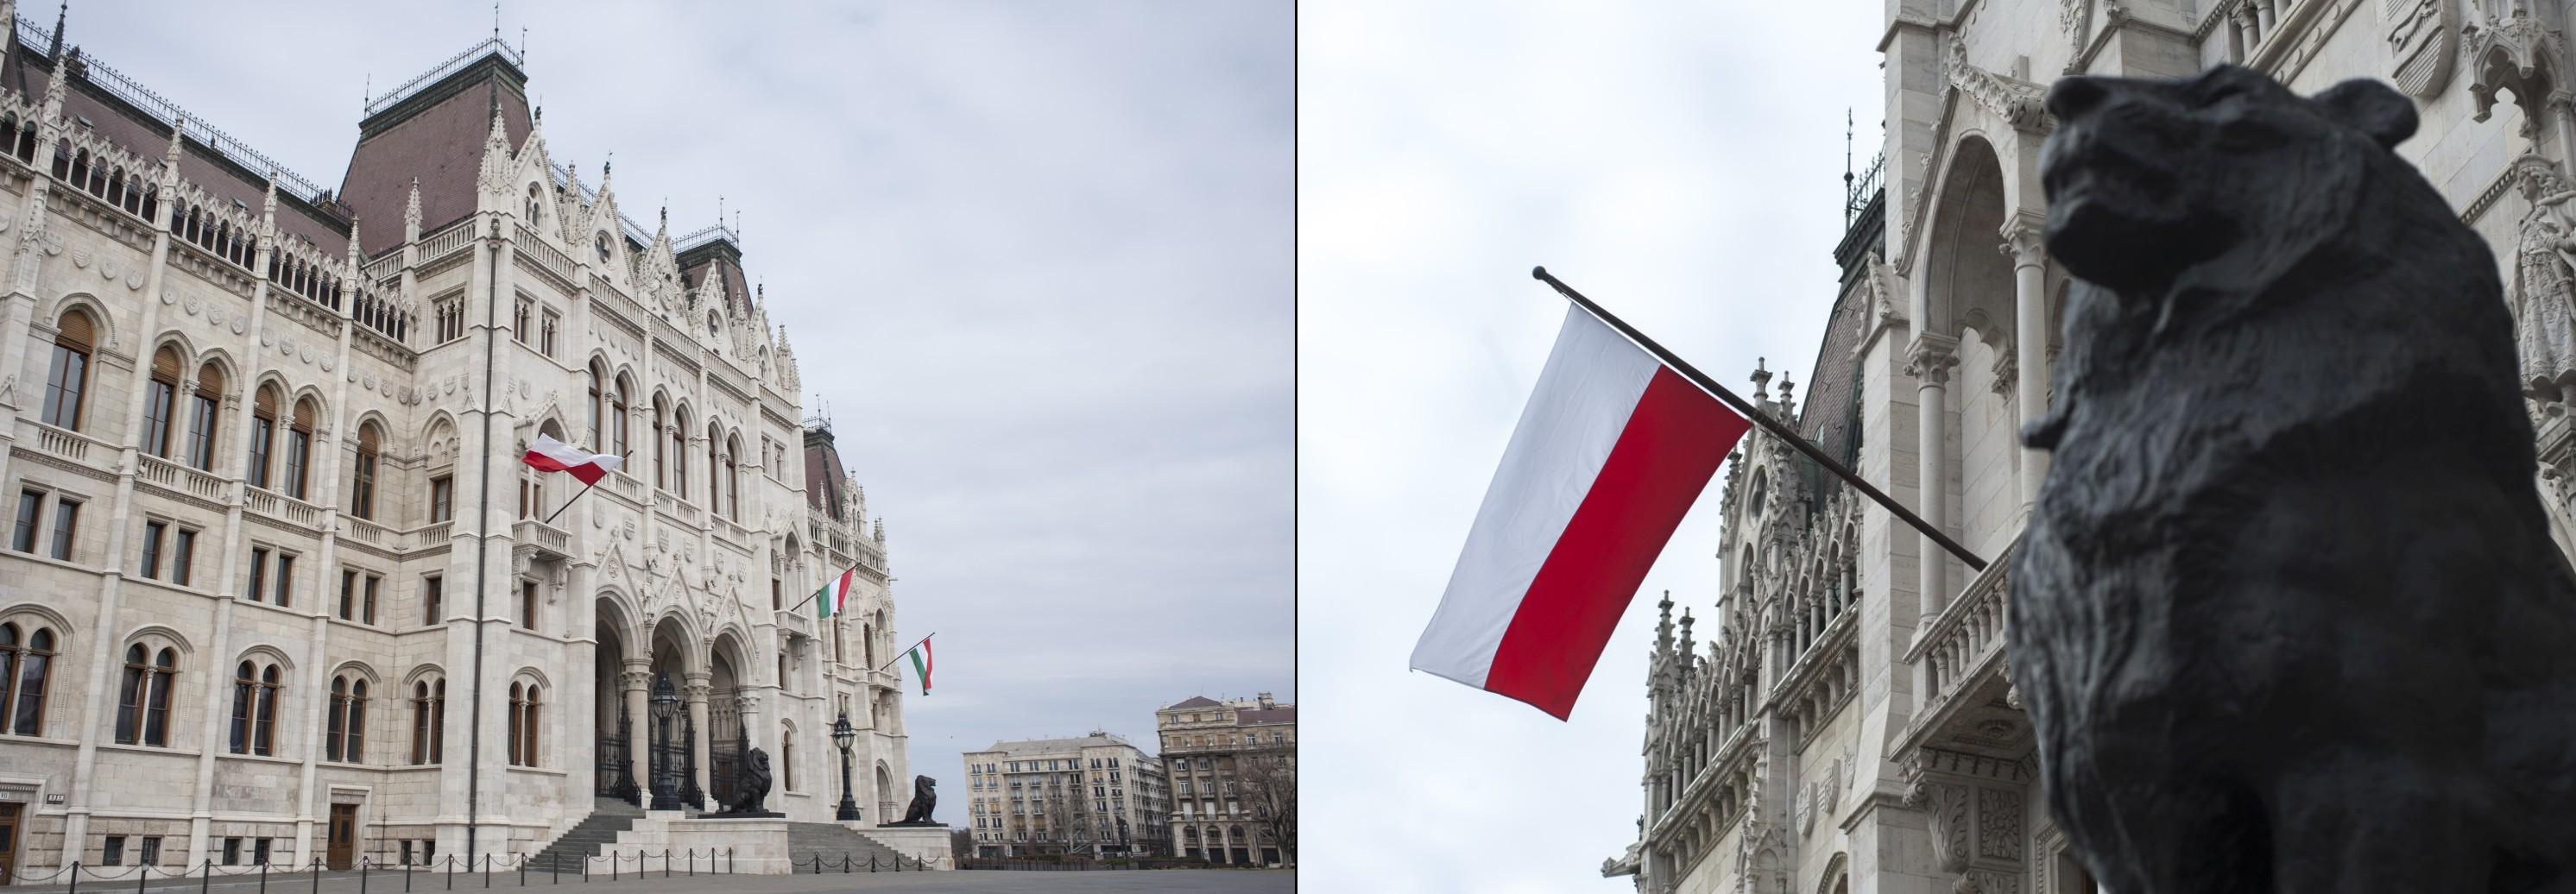 U příležitosti maďarsko-polského dne přátelství bude na úterý 23. března na návrh maďarského parlamentu a předsedy polského Sejmu vztyčena na průčelí parlamentu v Budapešti polská národní vlajka a polská státní vlajka budova parlamentu v maďarských národních barvách.